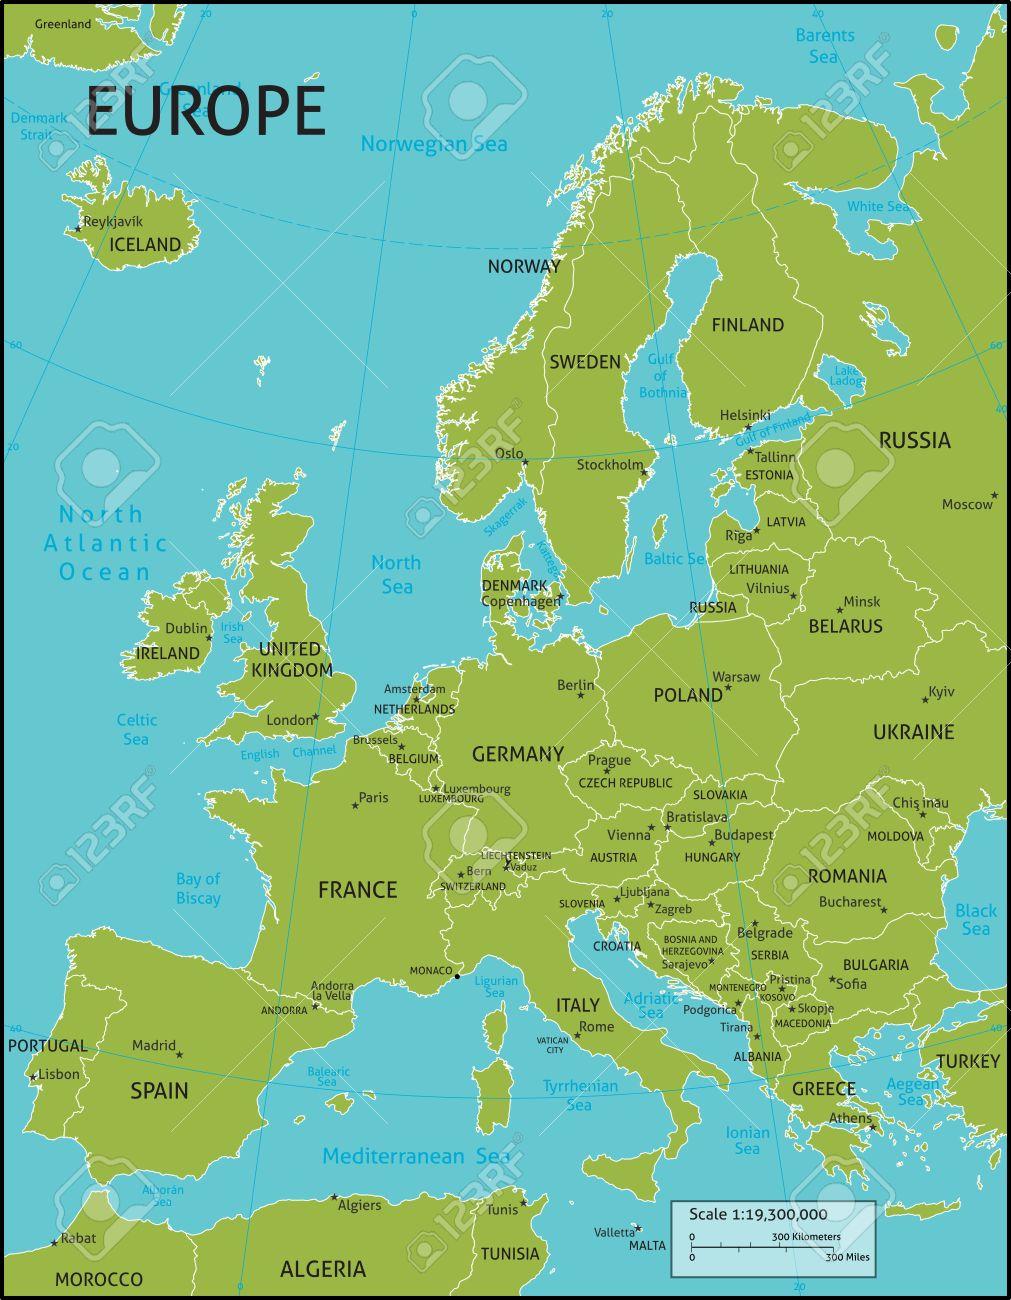 Une Carte De L'europe Avec Tous Les Noms De Pays, Et Les Capitales De Pays.  Organisé Dans La Version De Vecteur Dans Facile D'utiliser Des Couches. destiné Carte D Europe Avec Les Capitales